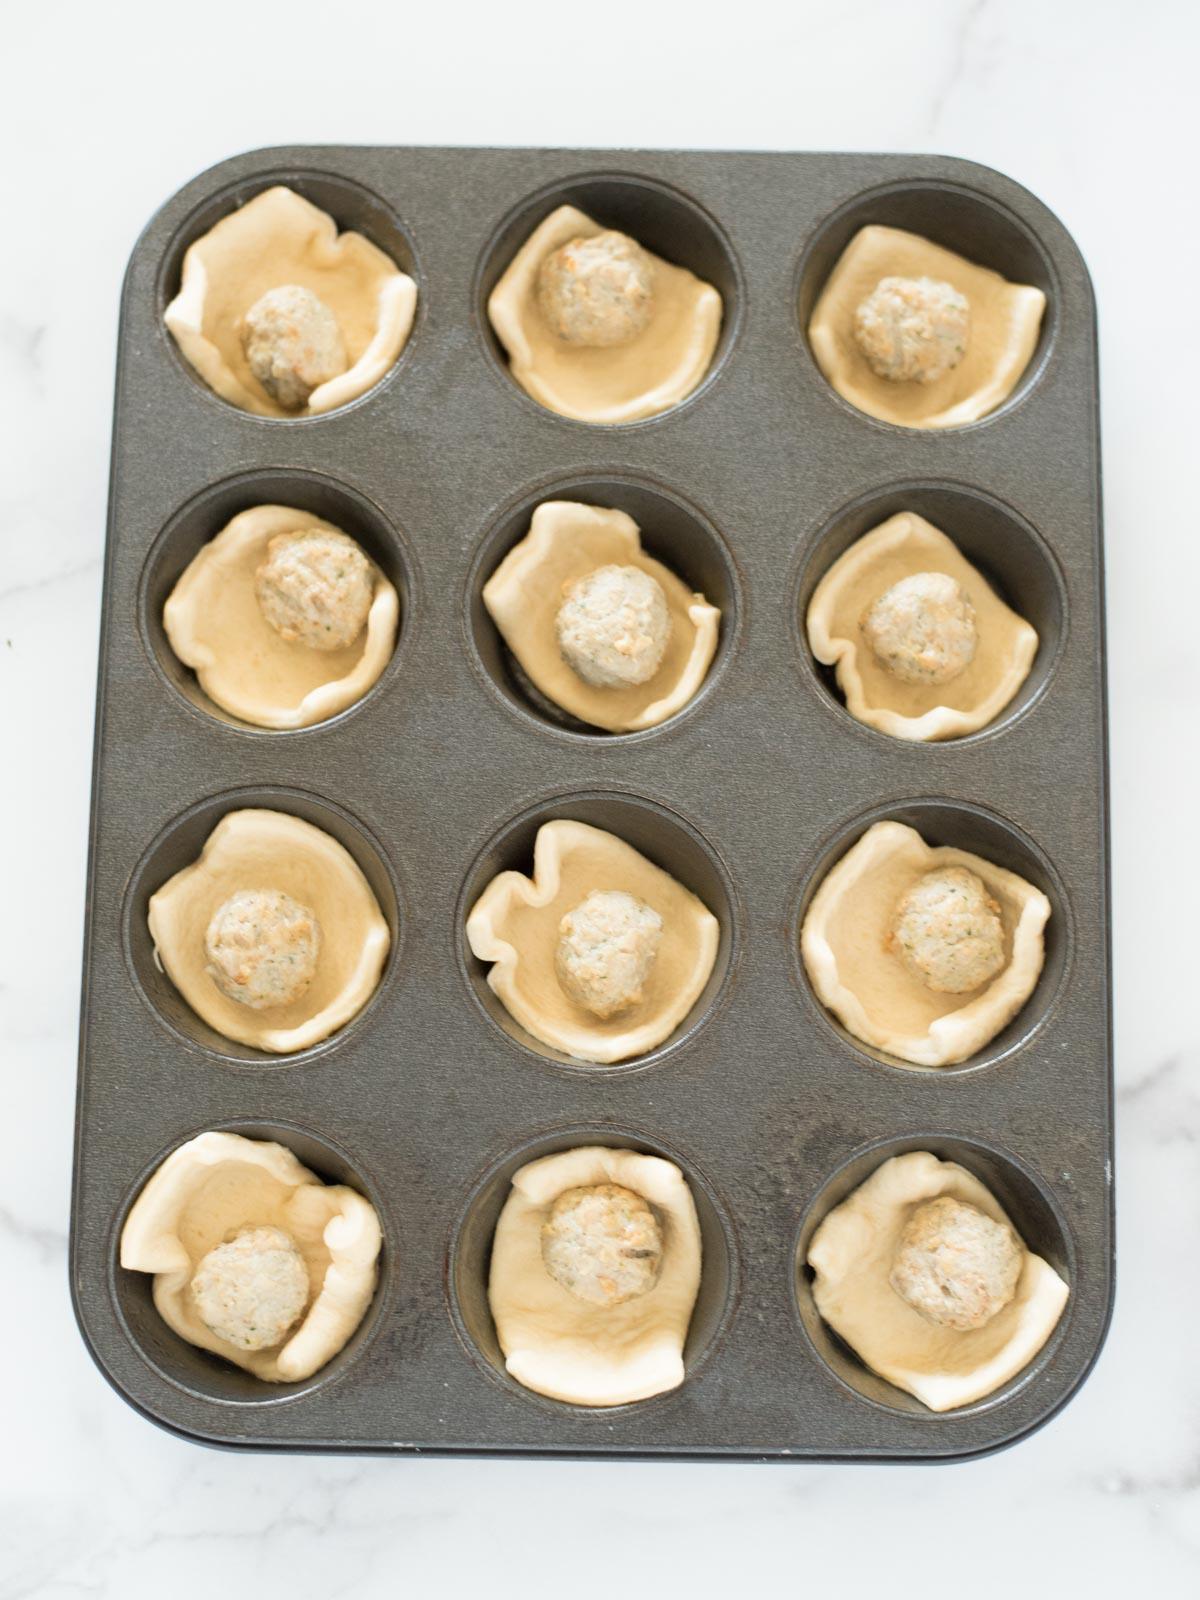 meatballs in crescent dough in a muffin tin